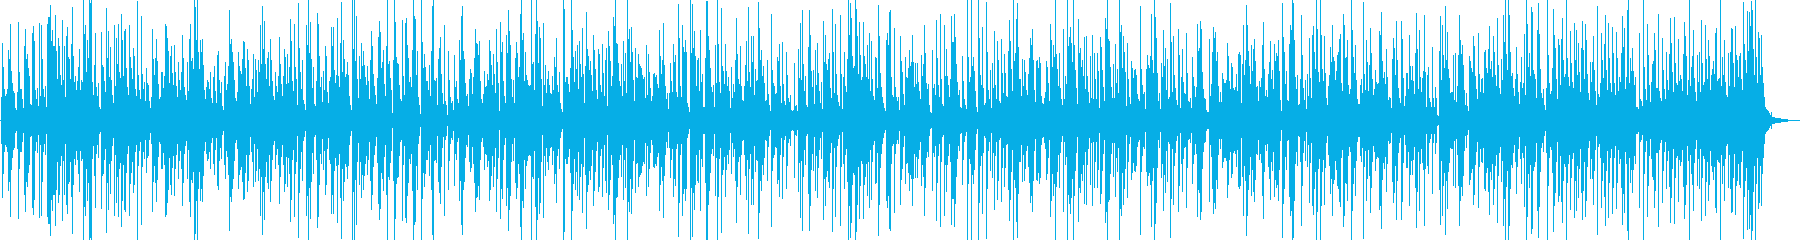 ピアノジャズバラード・切なさ・落ち着きの再生済みの波形